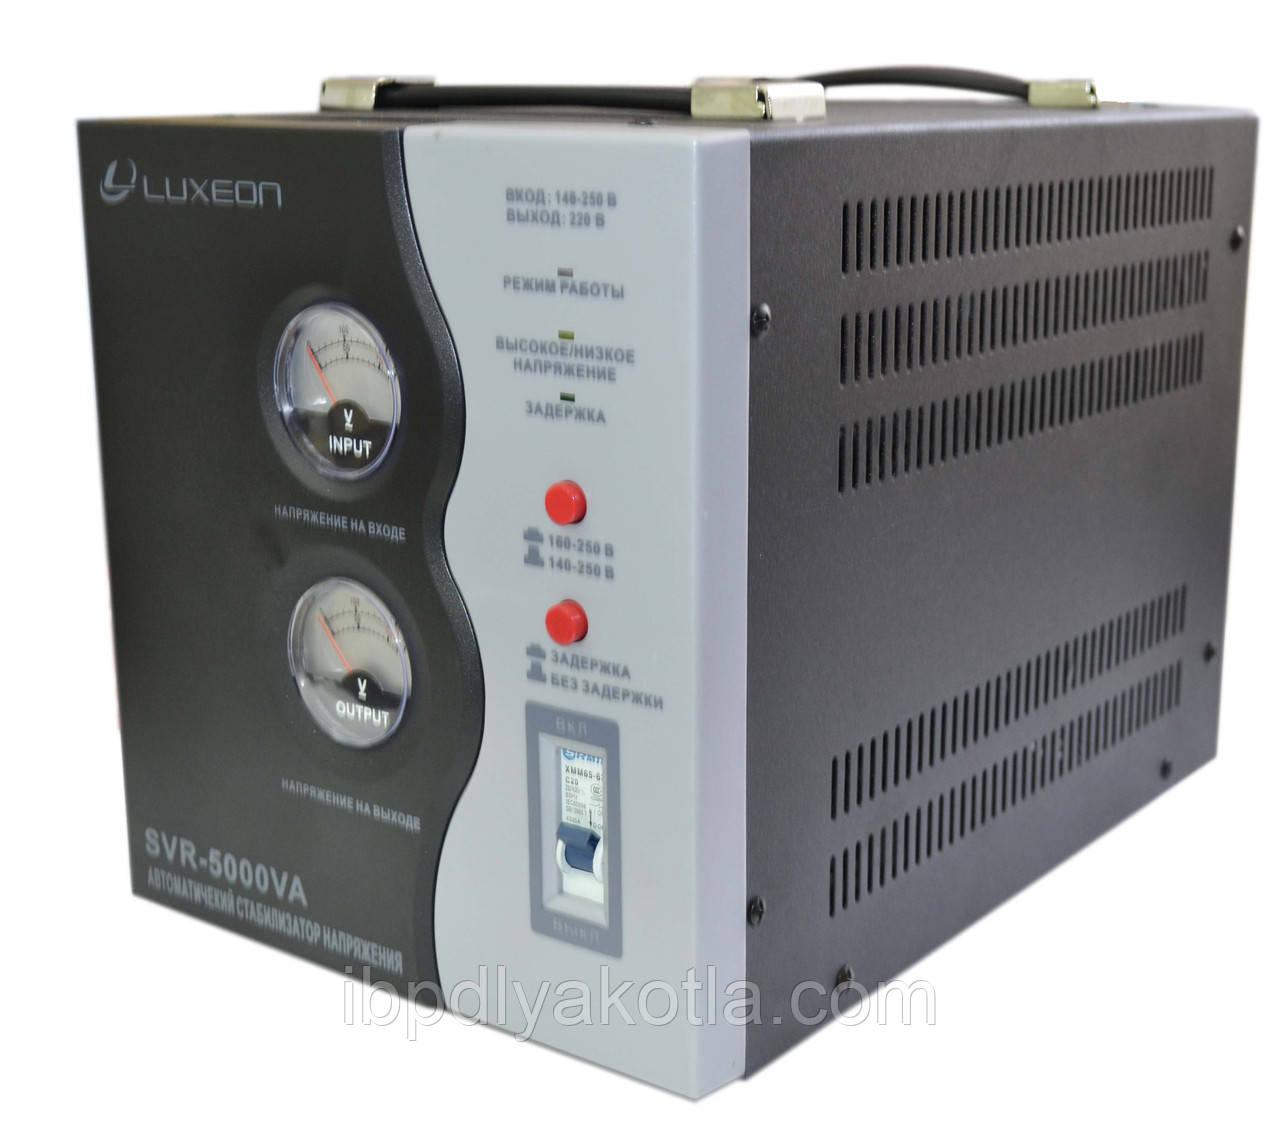 Luxeon SVR-5000 черный